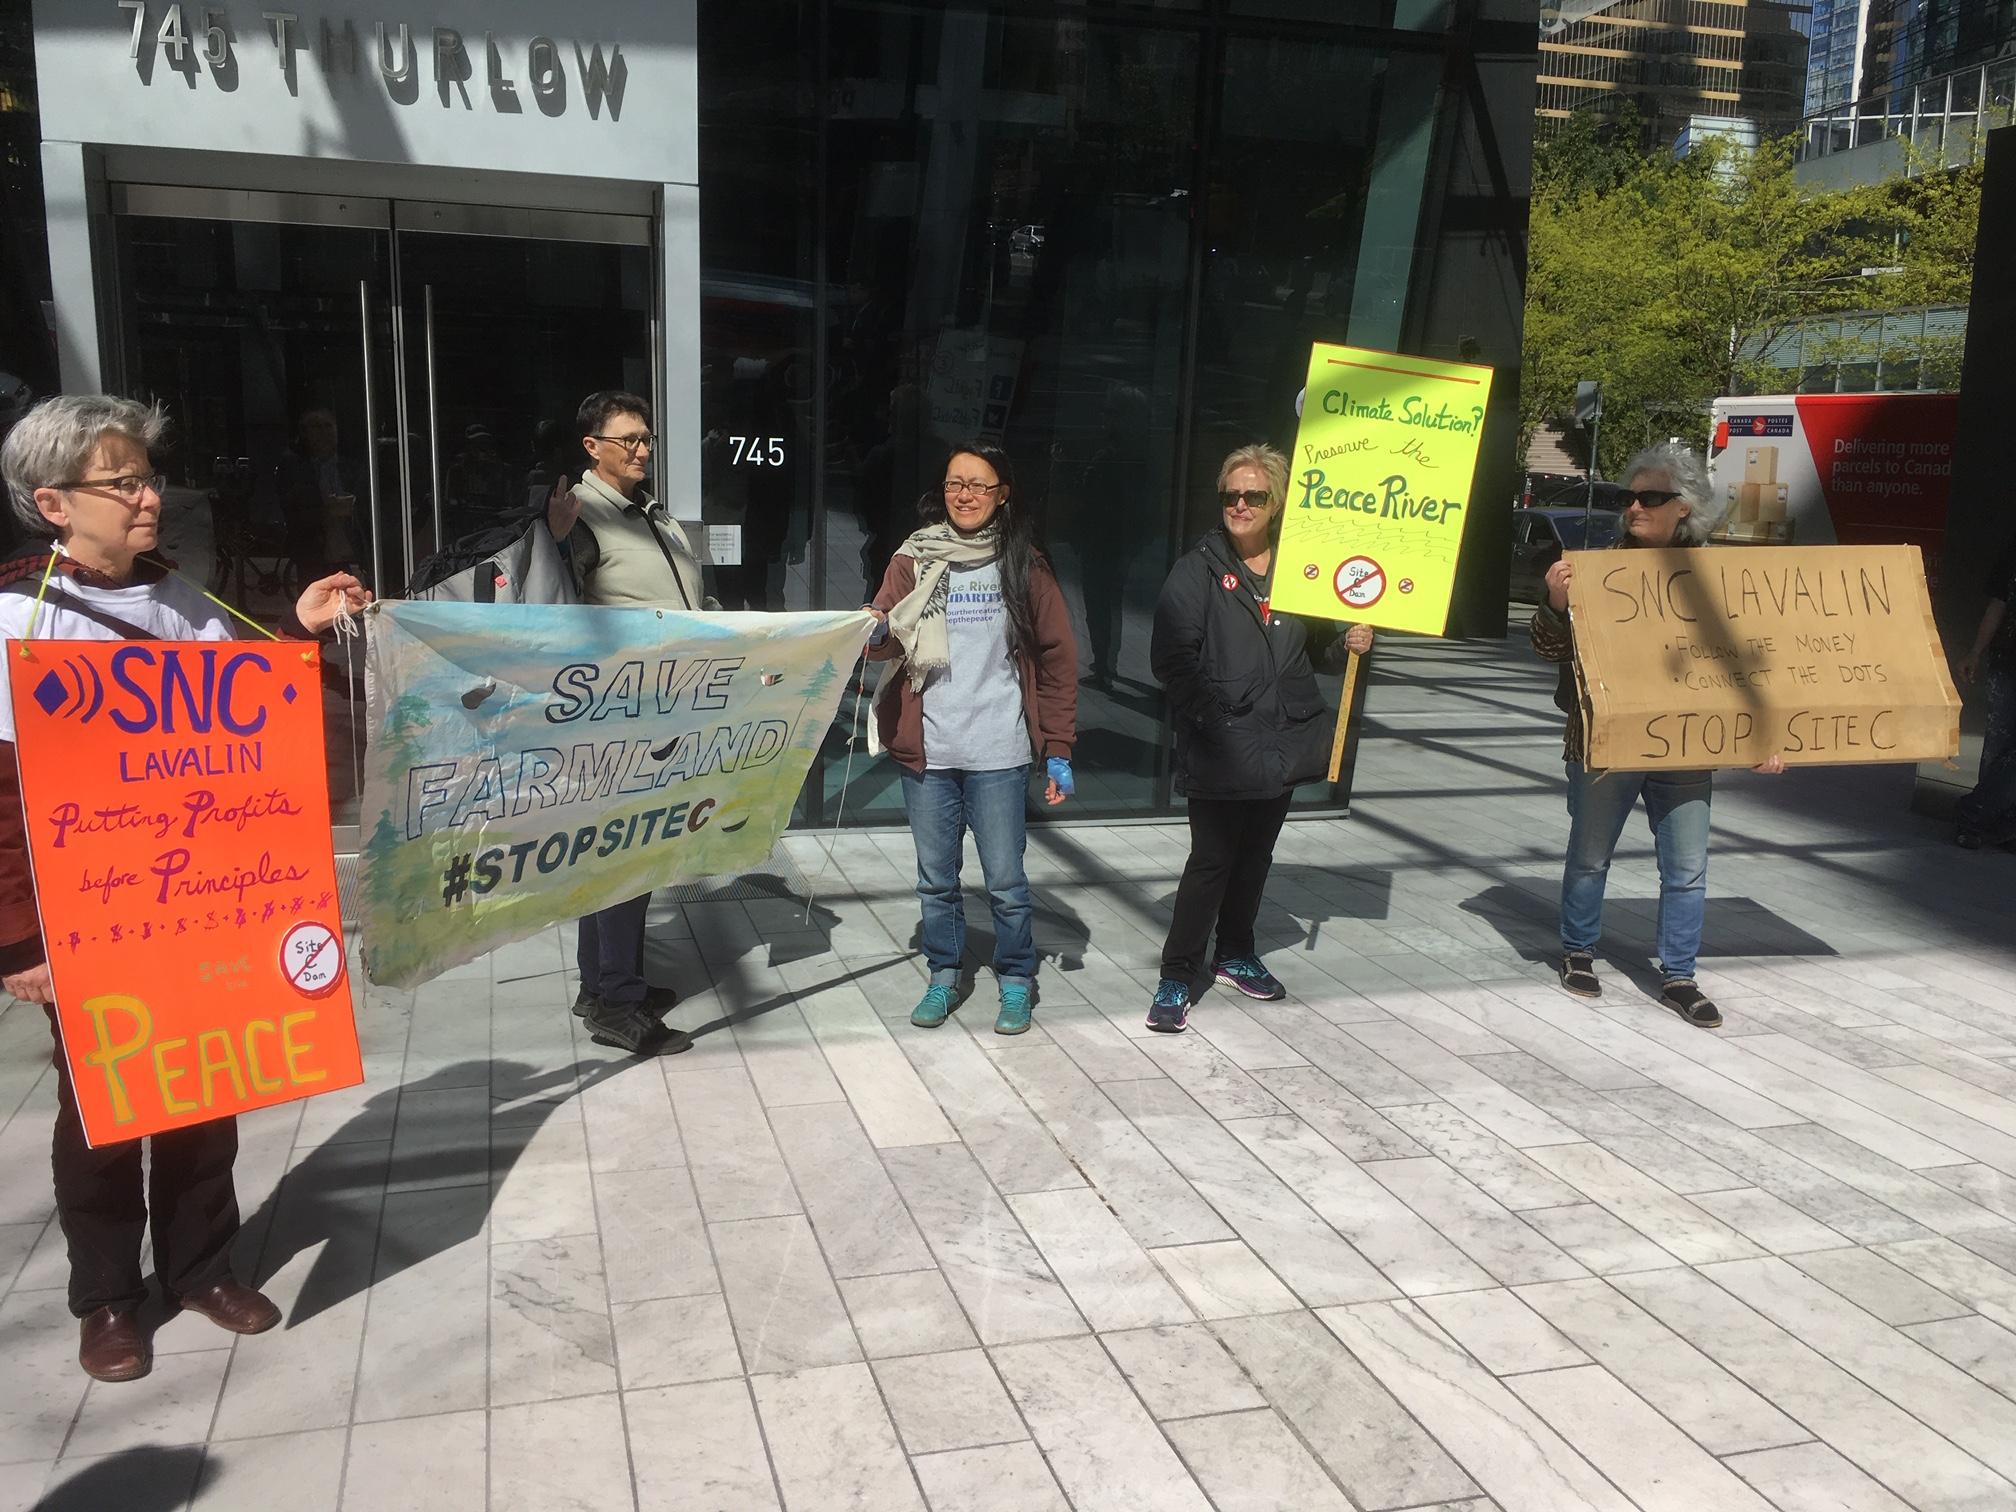 SNC-Lavalin Site C Protest - 745 Thurlow st. - April 12, 2019 (11).JPG